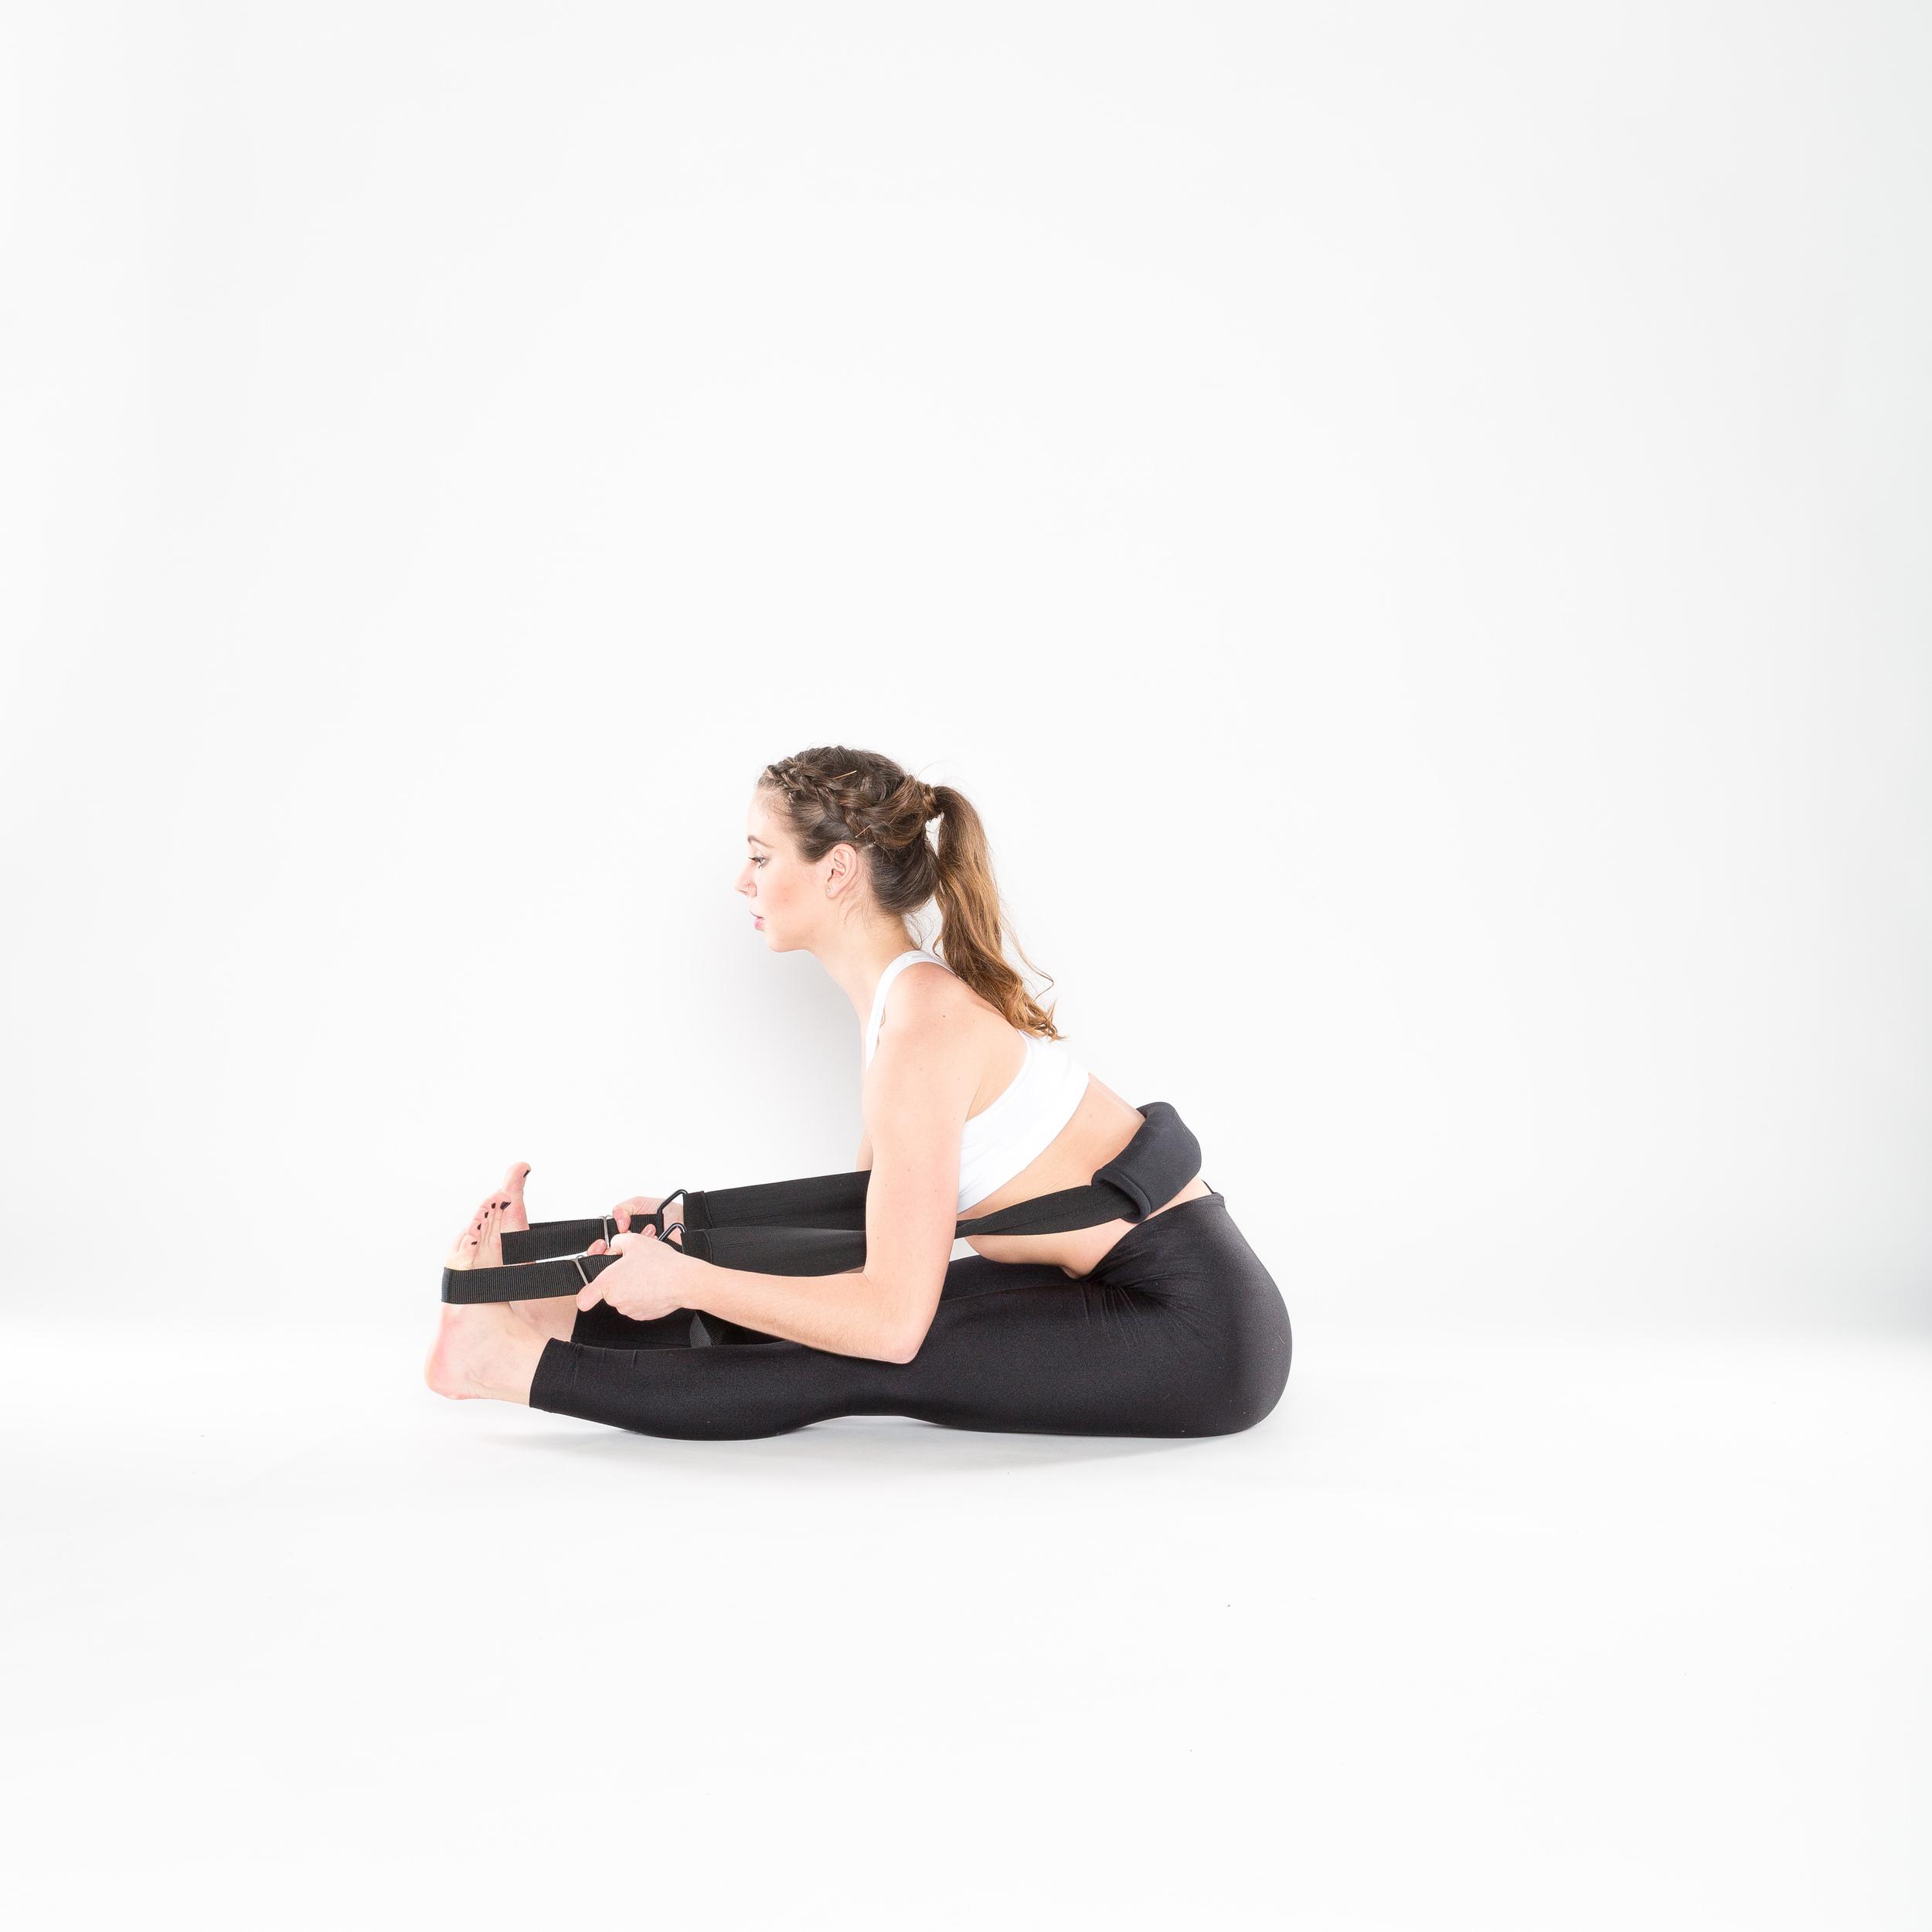 FLX_Yoga_Holtz-146.jpg